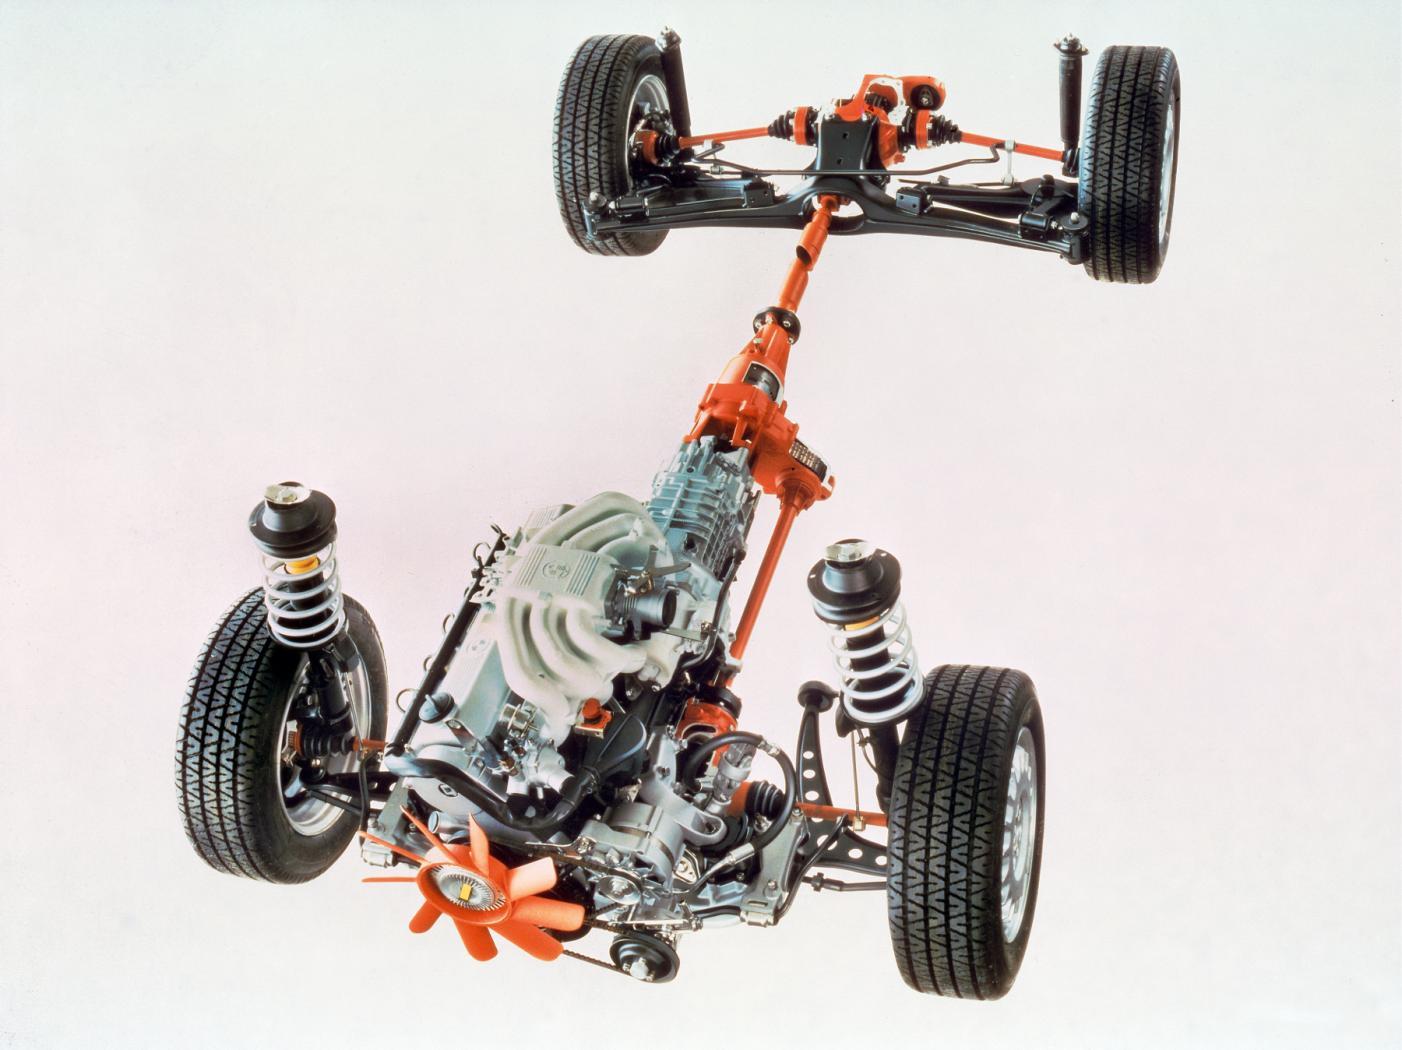 Boite-de-transfert-BMW-X3--3.jpeg